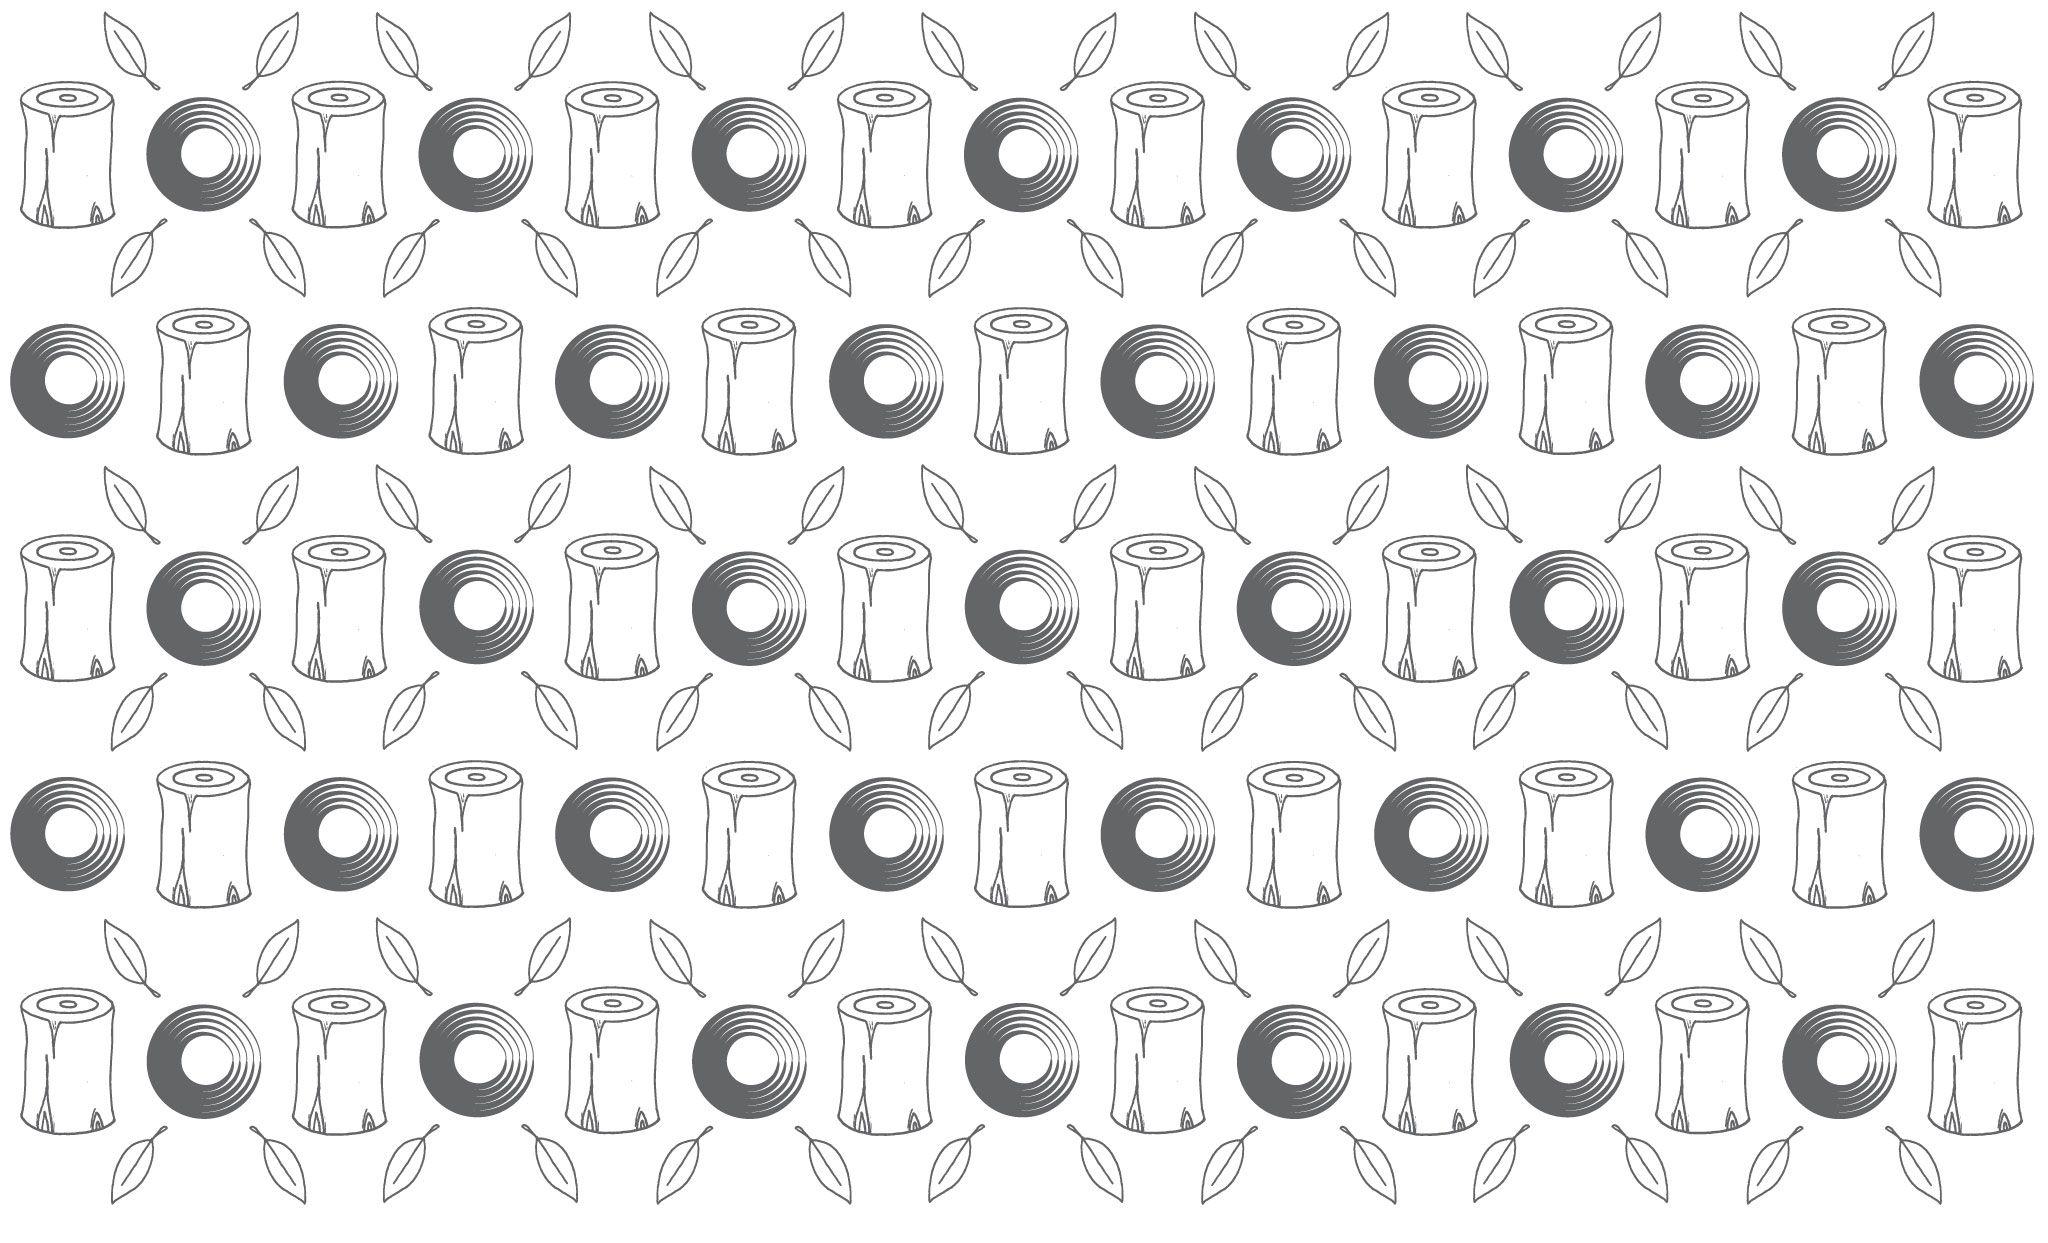 Pattern for Silvano De Martini, by Stefano Cattaneo http://cargocollective.com/pumpkinsgraphics/Silvano-De-Martini